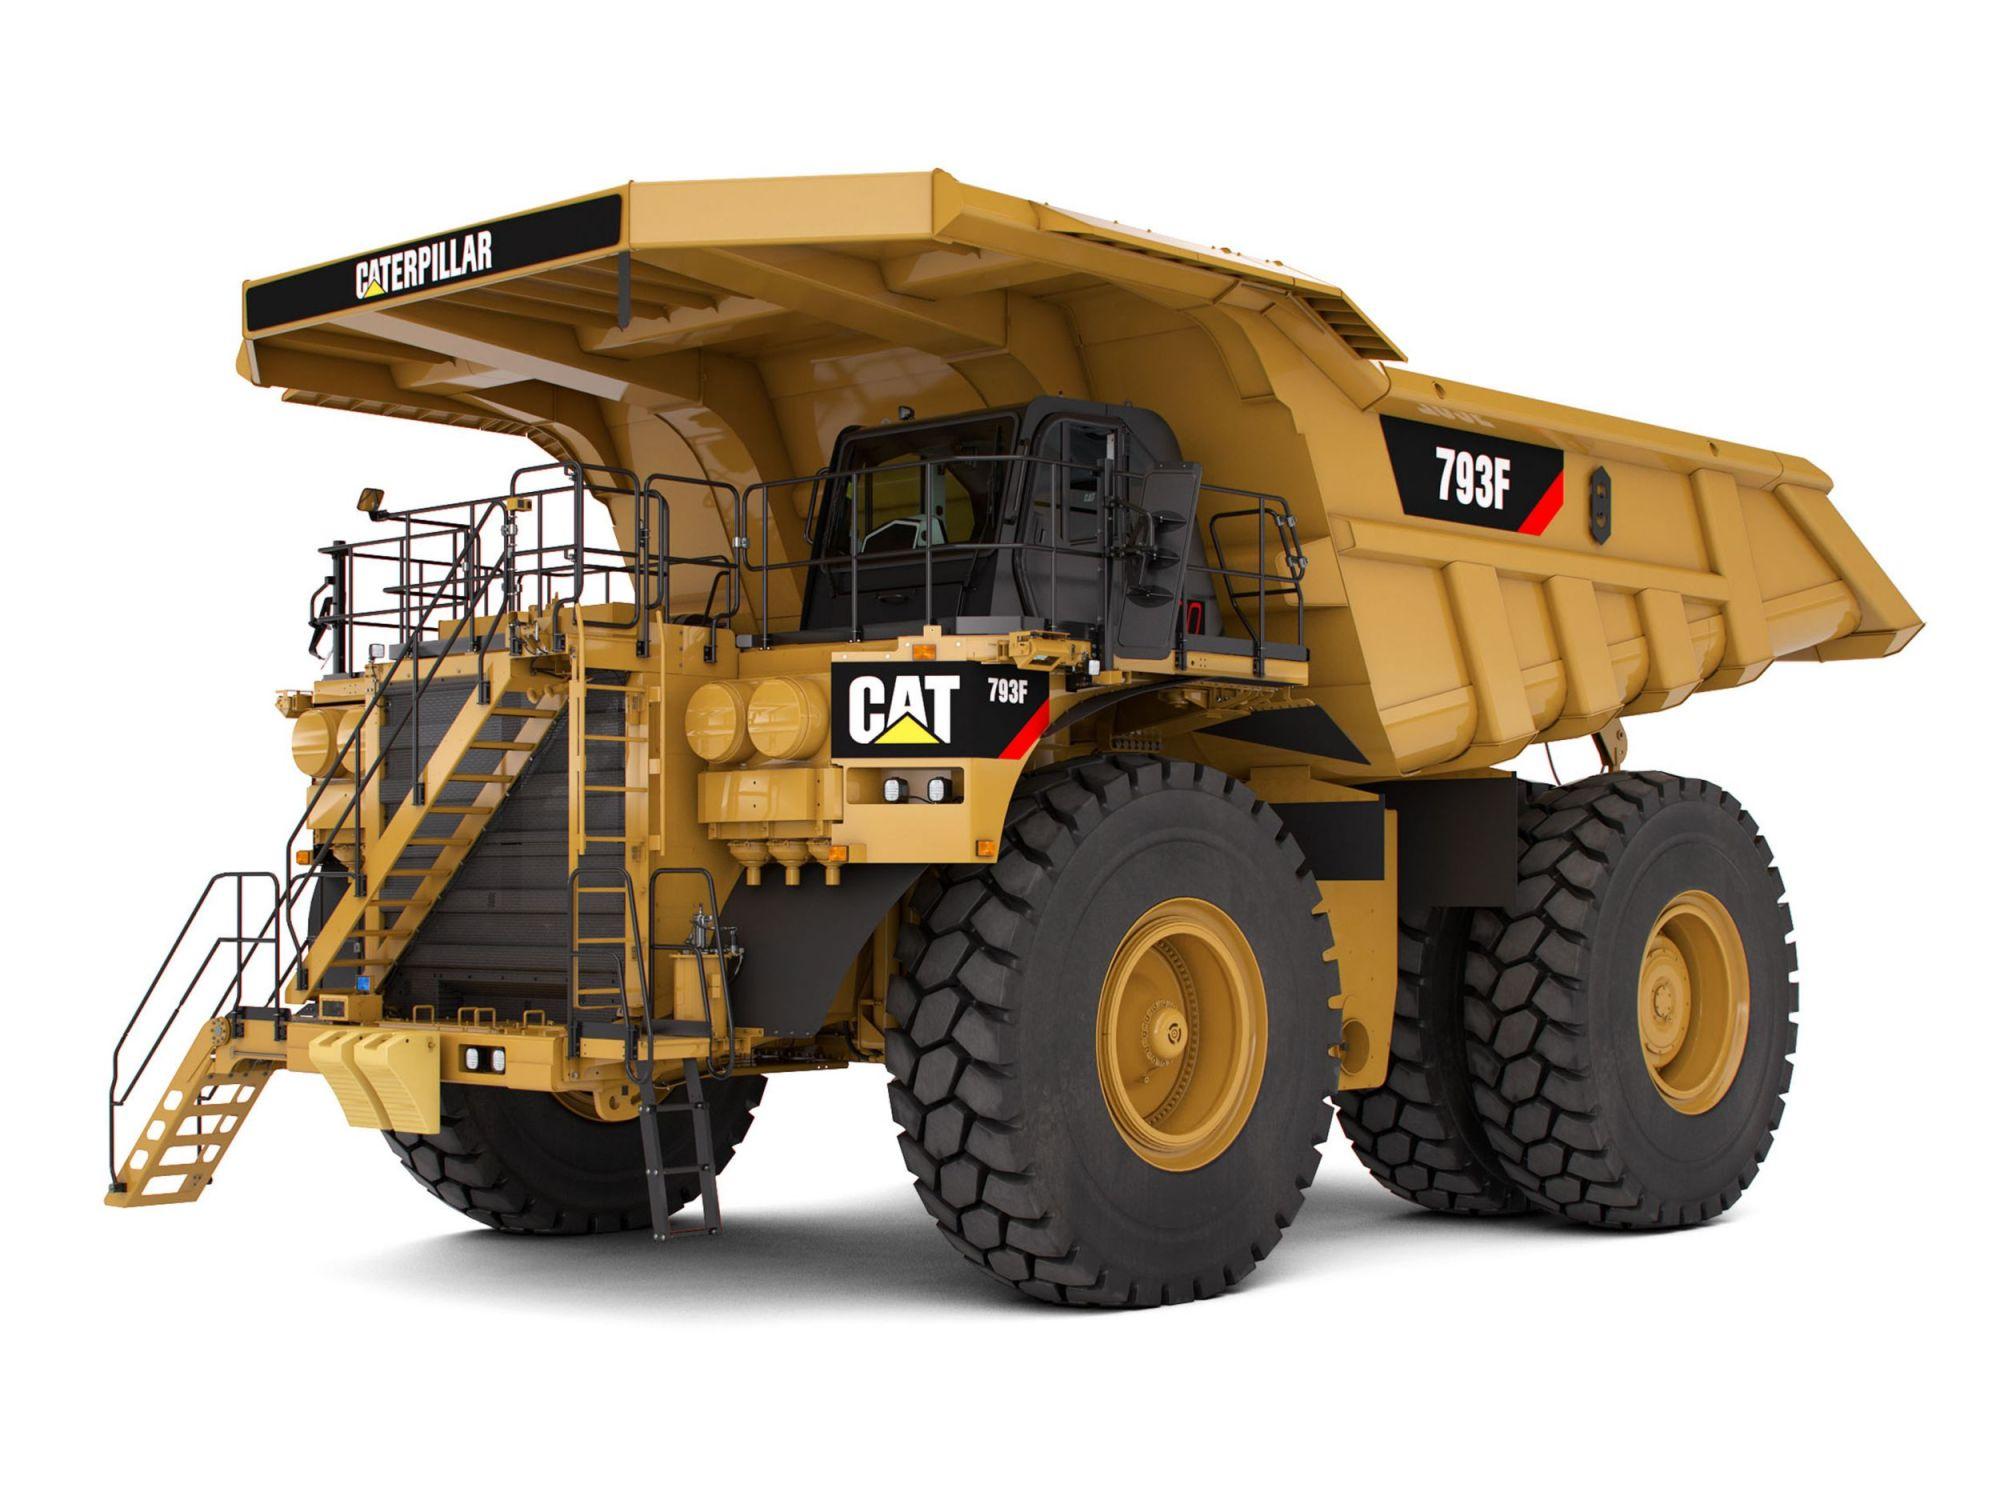 hight resolution of 793f mining truck